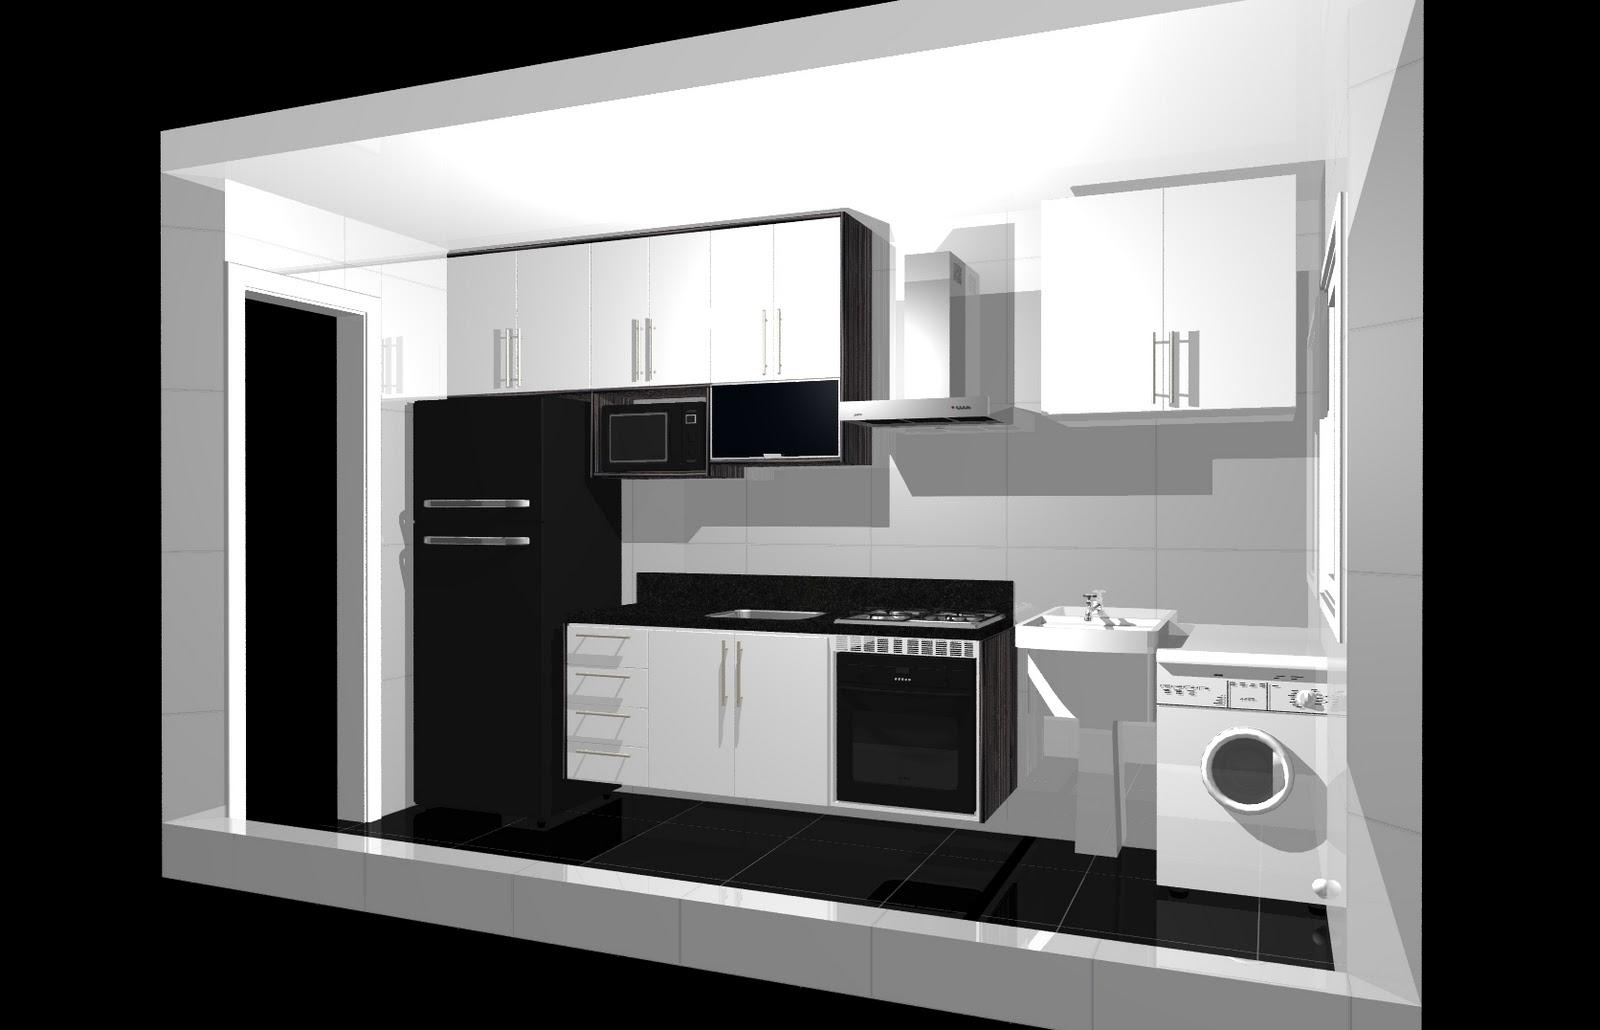 OS CASOS: Area de serviço na cozinha? ou cozinha na area de serviço #080708 1600 1030